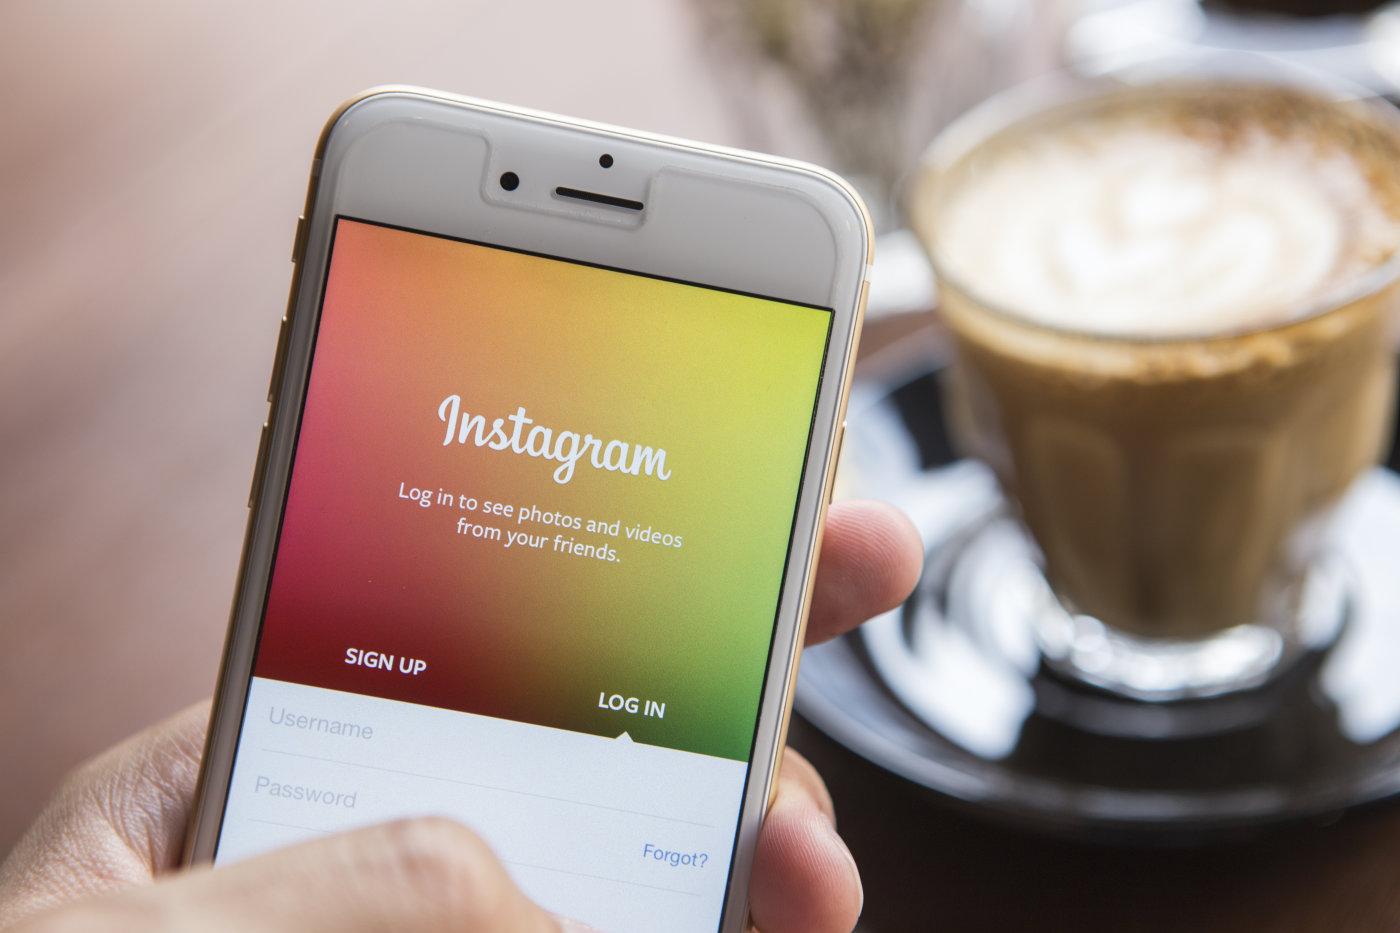 Acheter followers Instagram : booster votre visibilité sur le réseau social